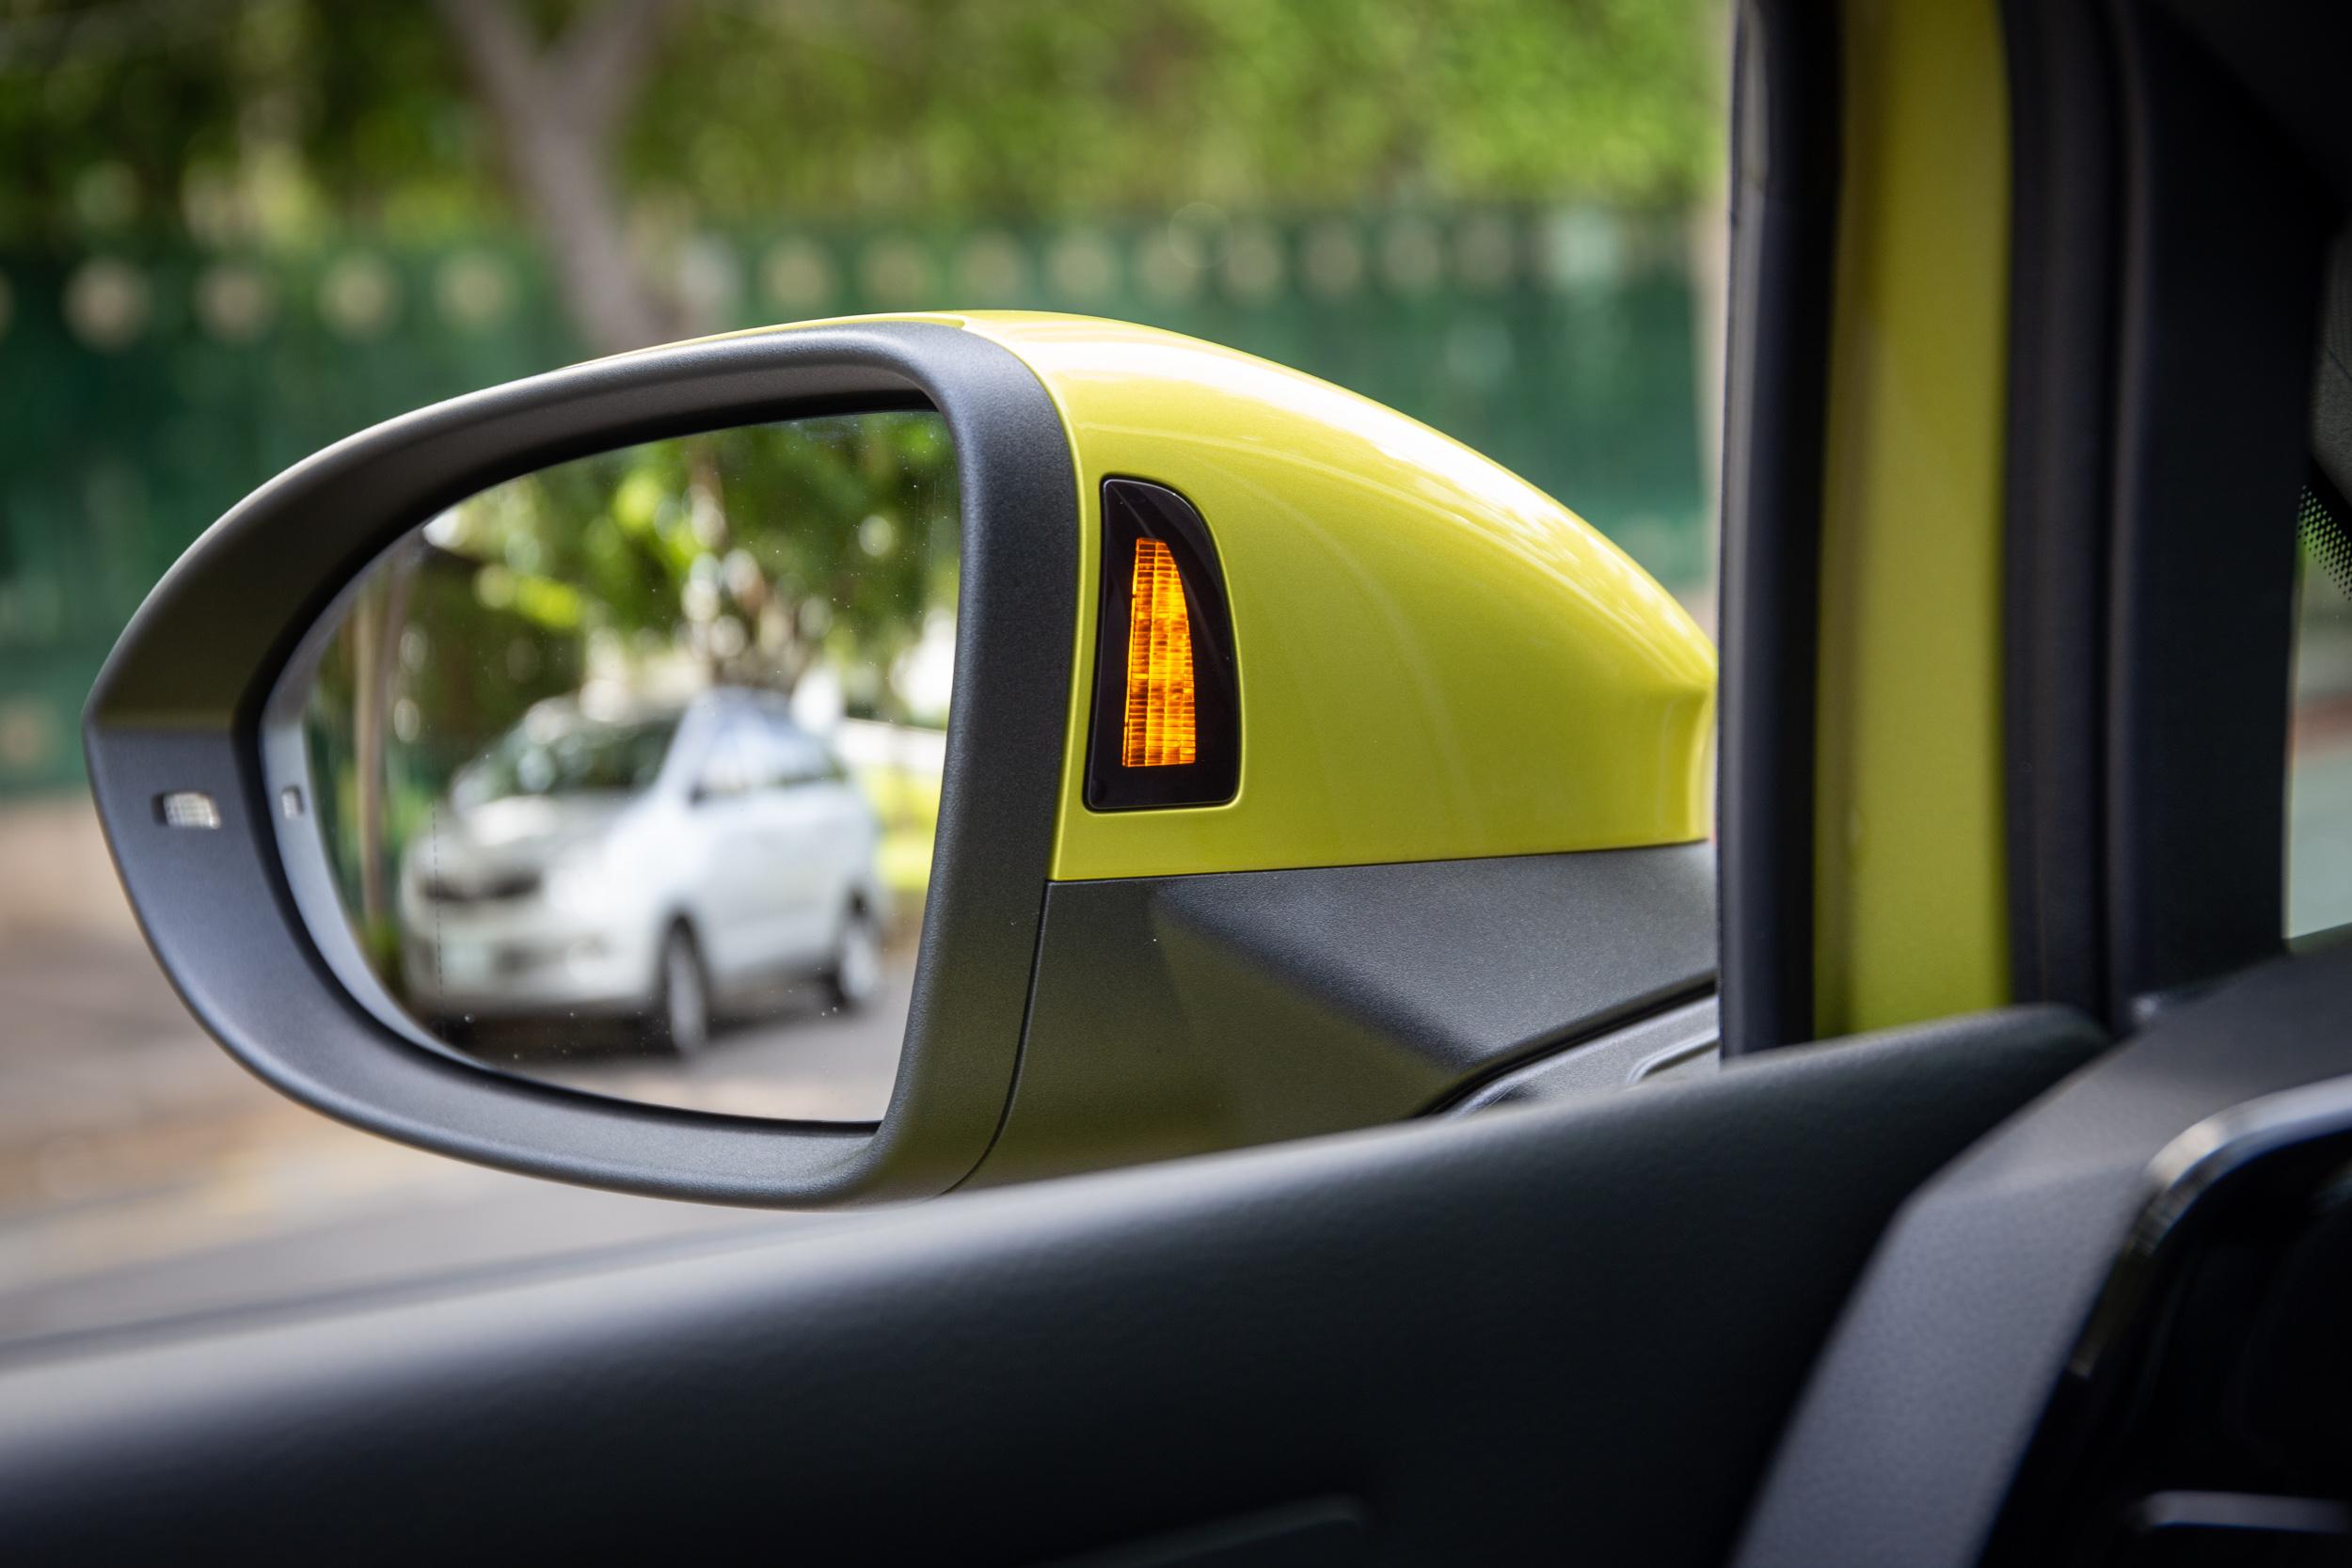 車側盲點警示系統與離車安全警示系統都會由車外後視鏡內側警示燈號來負責。